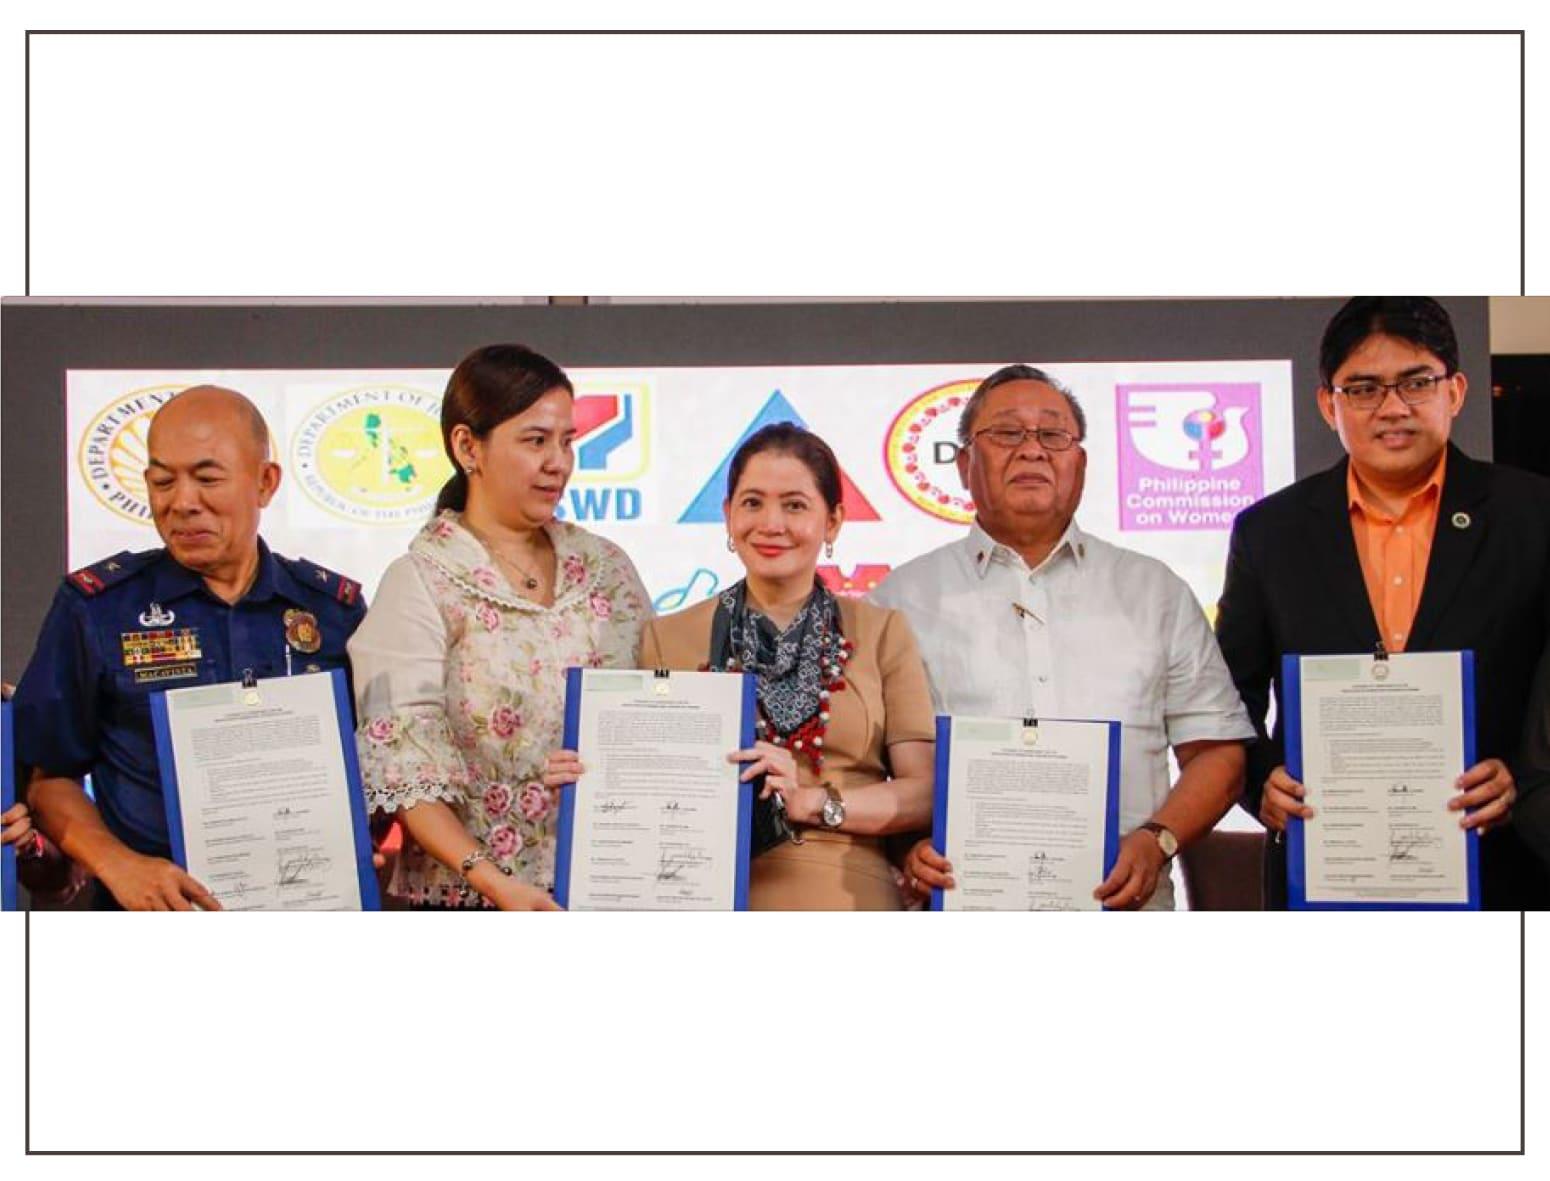 Les Philippines lancent TourISM WoRCS pour lutter contre les violences physiques et sexuelles faites aux enfants et aux femmes.